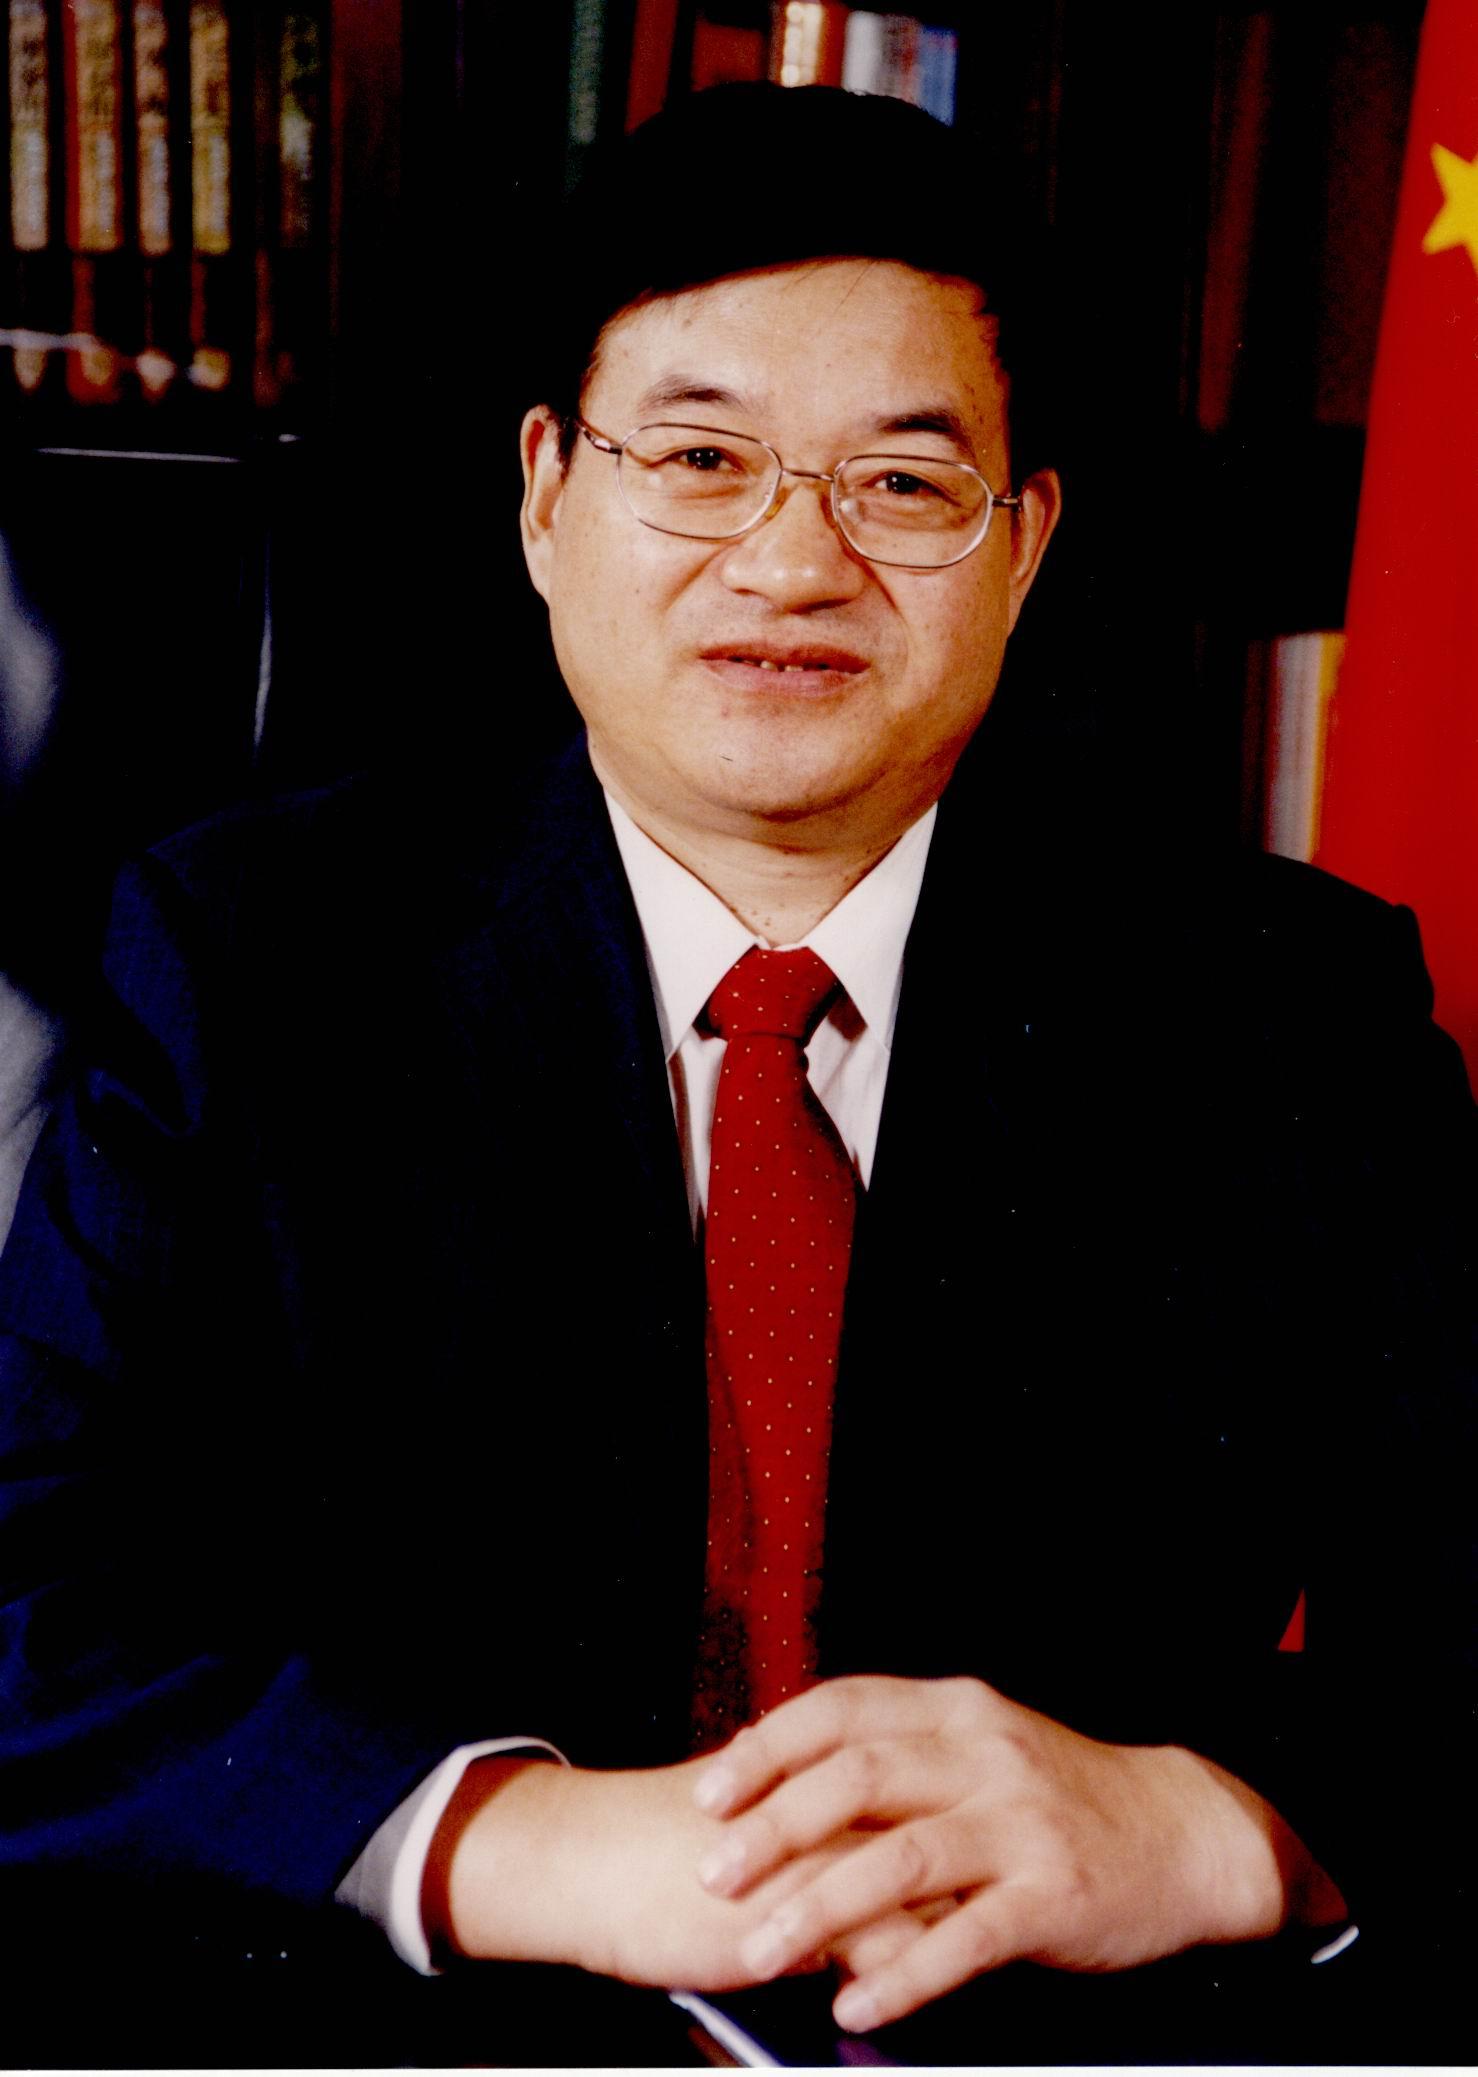 中国中医科学院院长_院士介绍_院士介绍_国际欧亚科学院中国科学中心